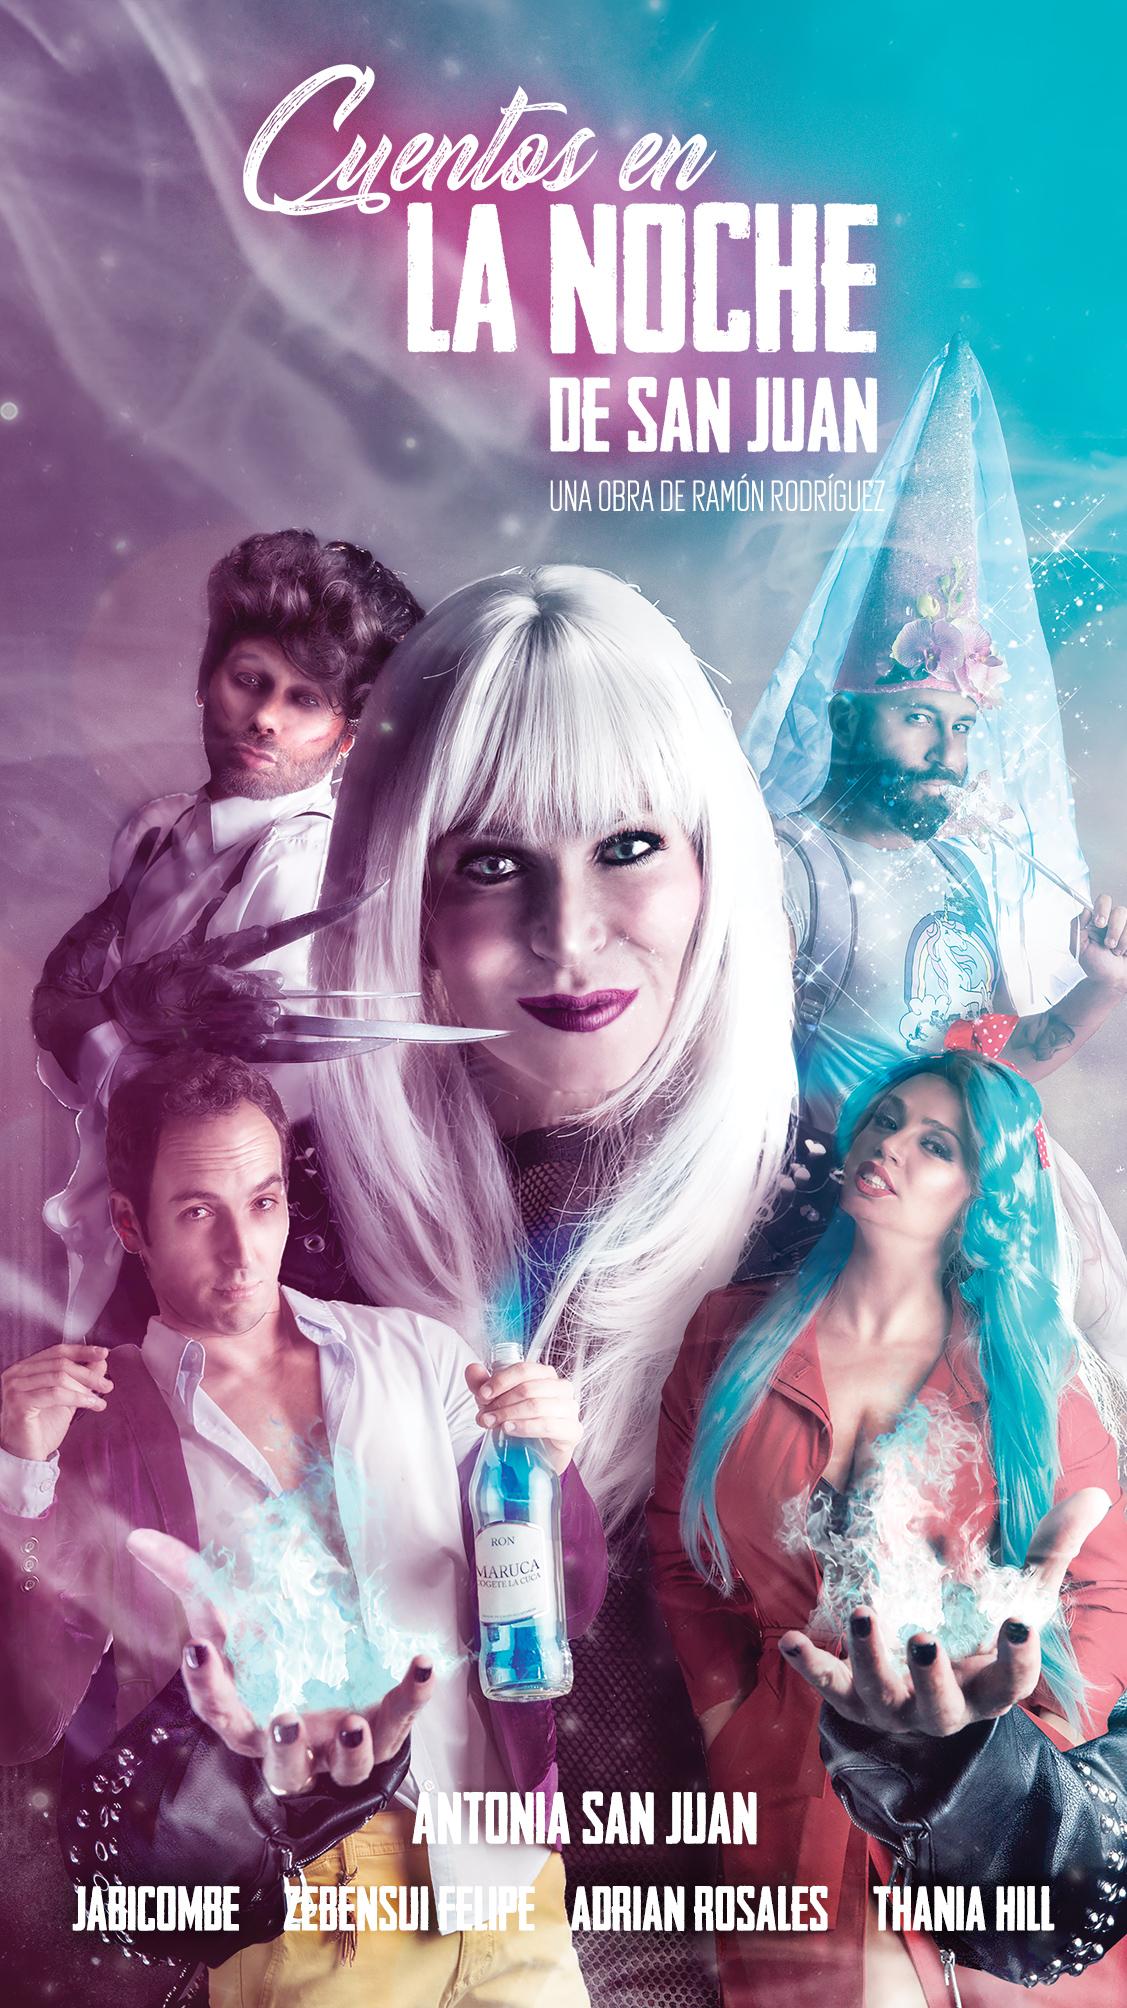 La comedia 'Cuentos en la noche de San Juan' se presenta en Maspalomas y Gáldar